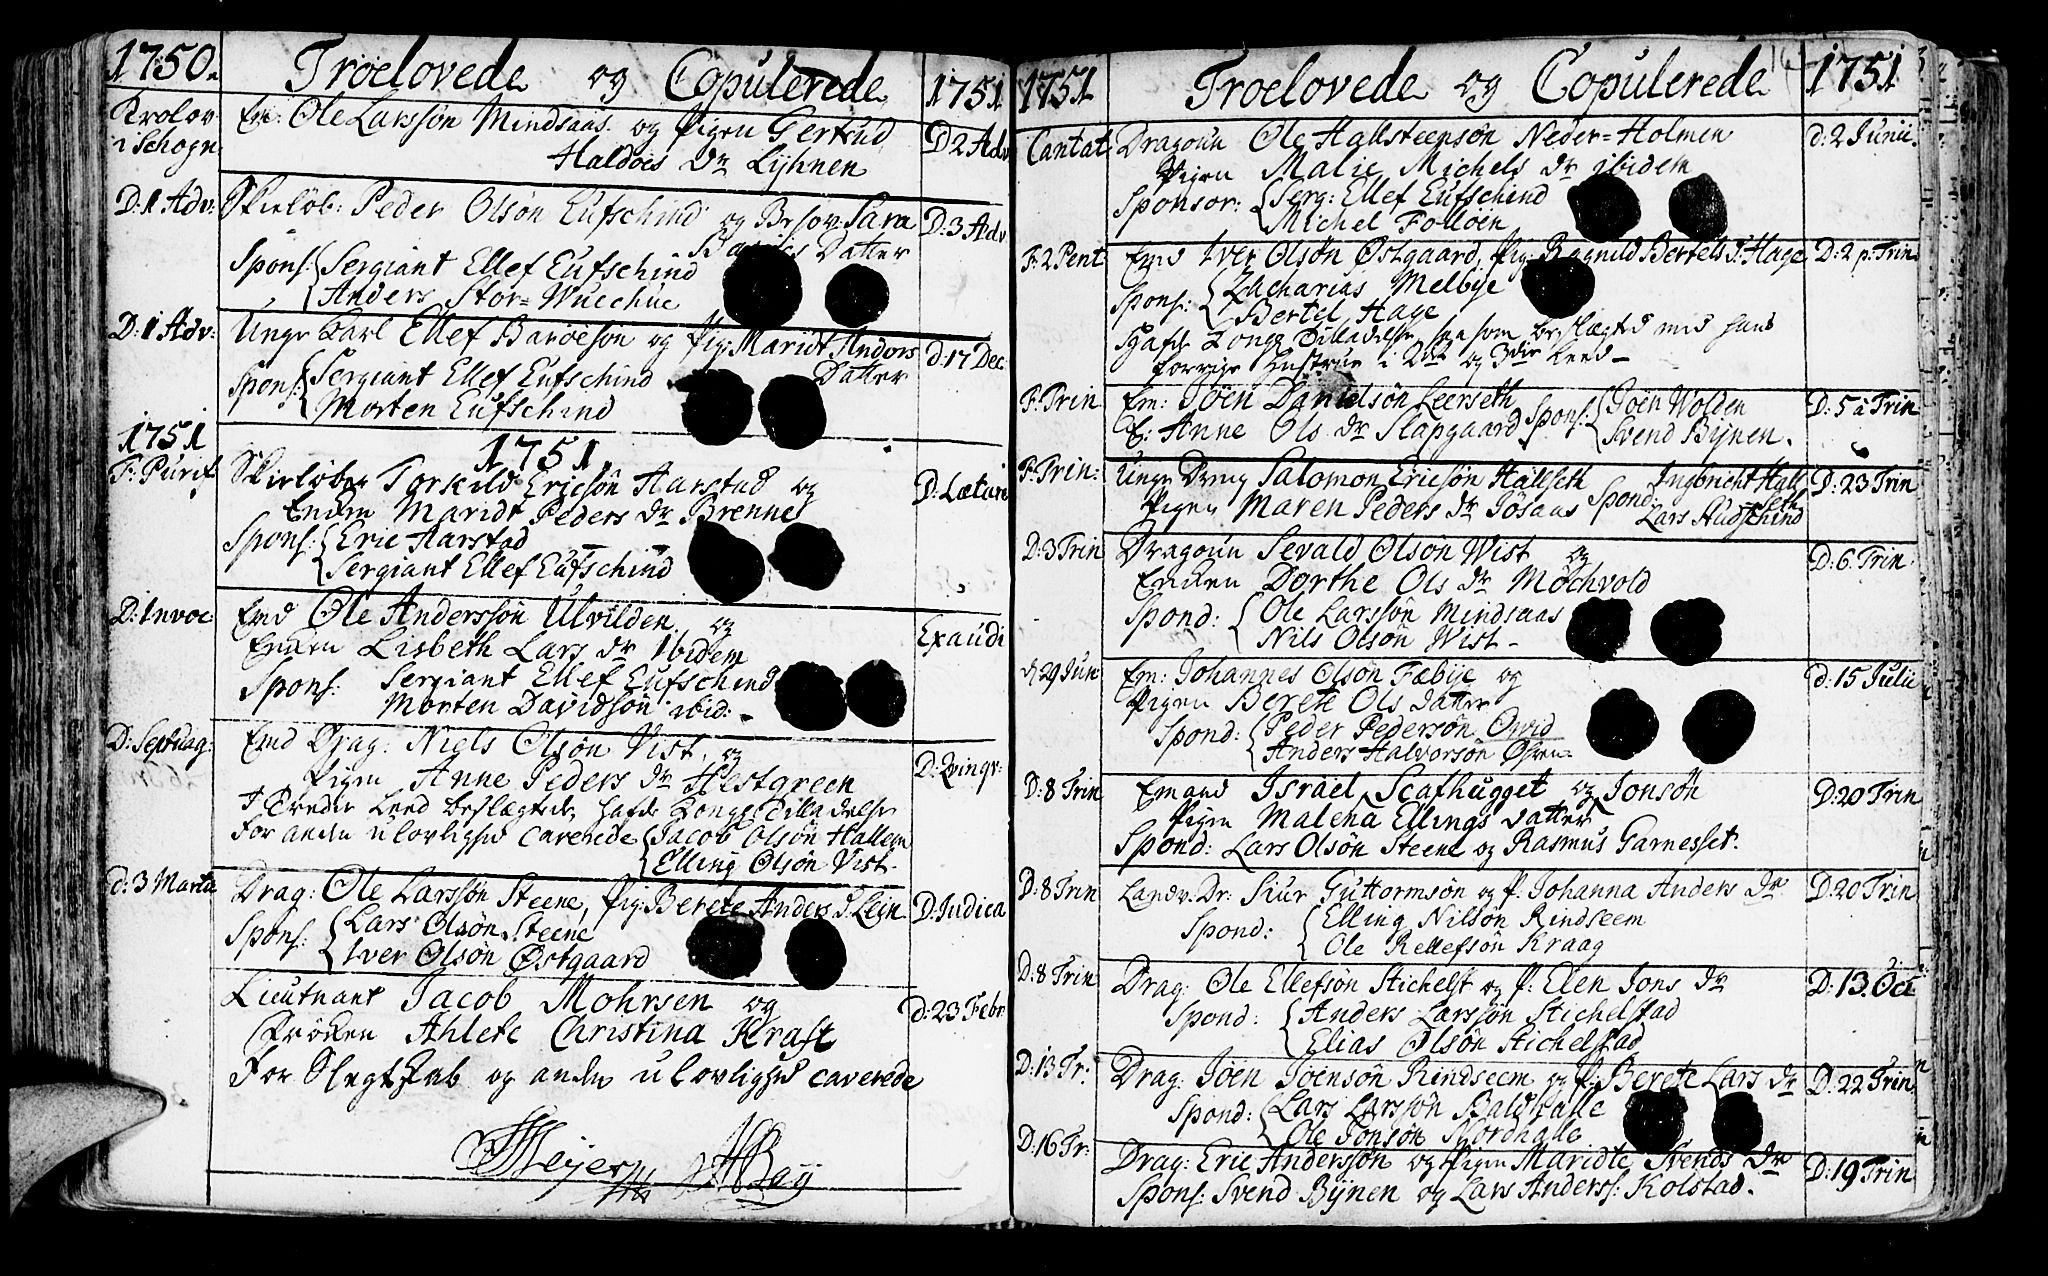 SAT, Ministerialprotokoller, klokkerbøker og fødselsregistre - Nord-Trøndelag, 723/L0231: Ministerialbok nr. 723A02, 1748-1780, s. 162